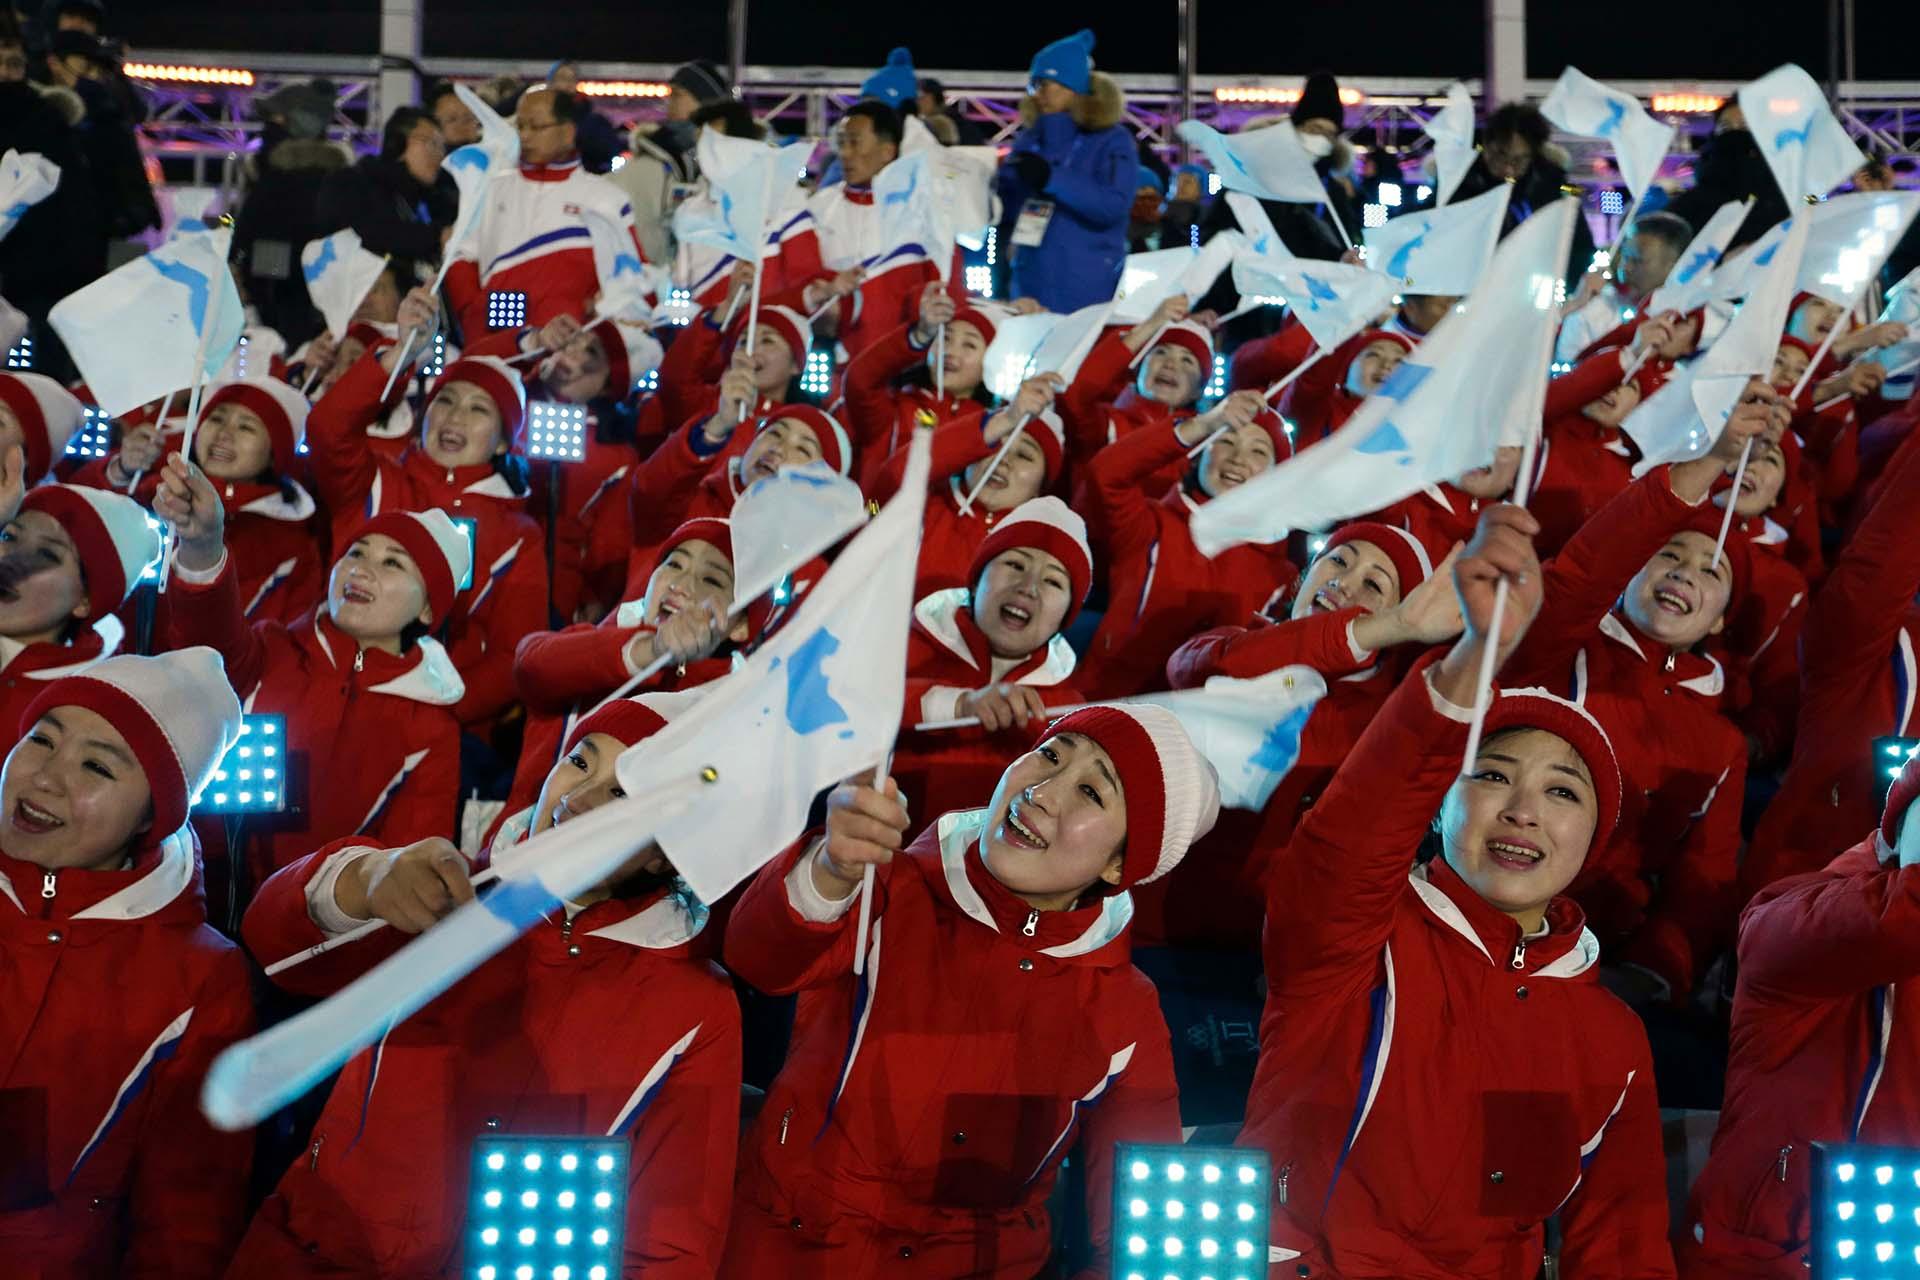 Atletas de Corea del Norte agitan las banderas del equipo combinado de ambas Coreas en la ceremonia inaugural de los Juegos Olímpicos de Invierno de en Pyeongchang, Corea del Sur, el 8 de febrero